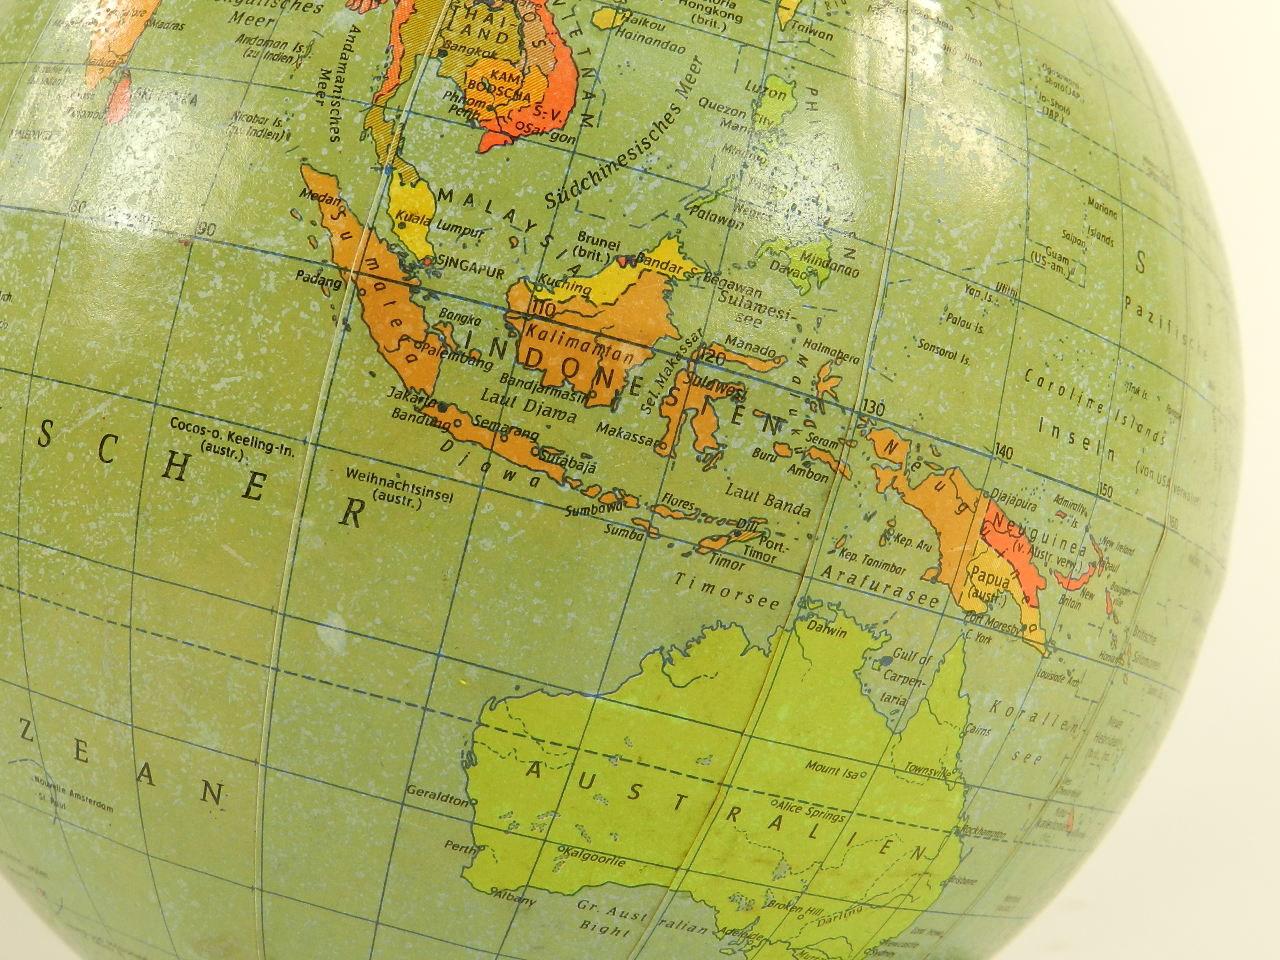 Imagen GLOBO TERRÁQUEO AÑO 1975 23344